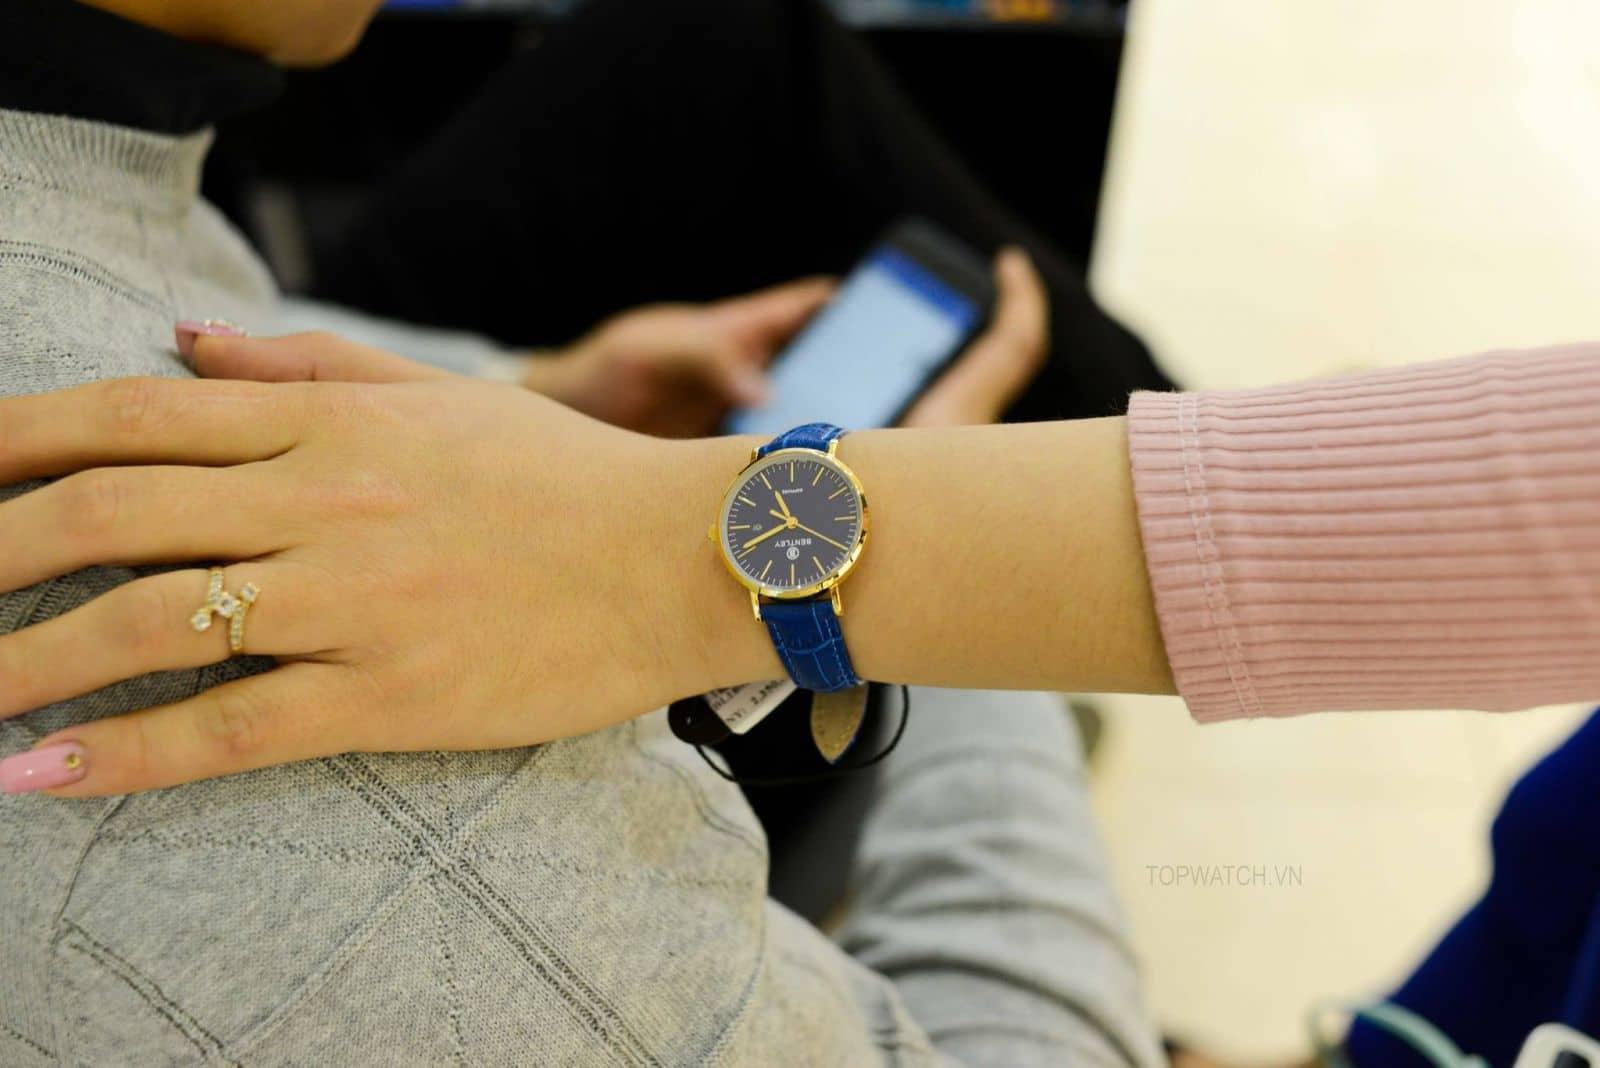 cổ tay nhỏ nên chọn đồng hồ nữ size nào